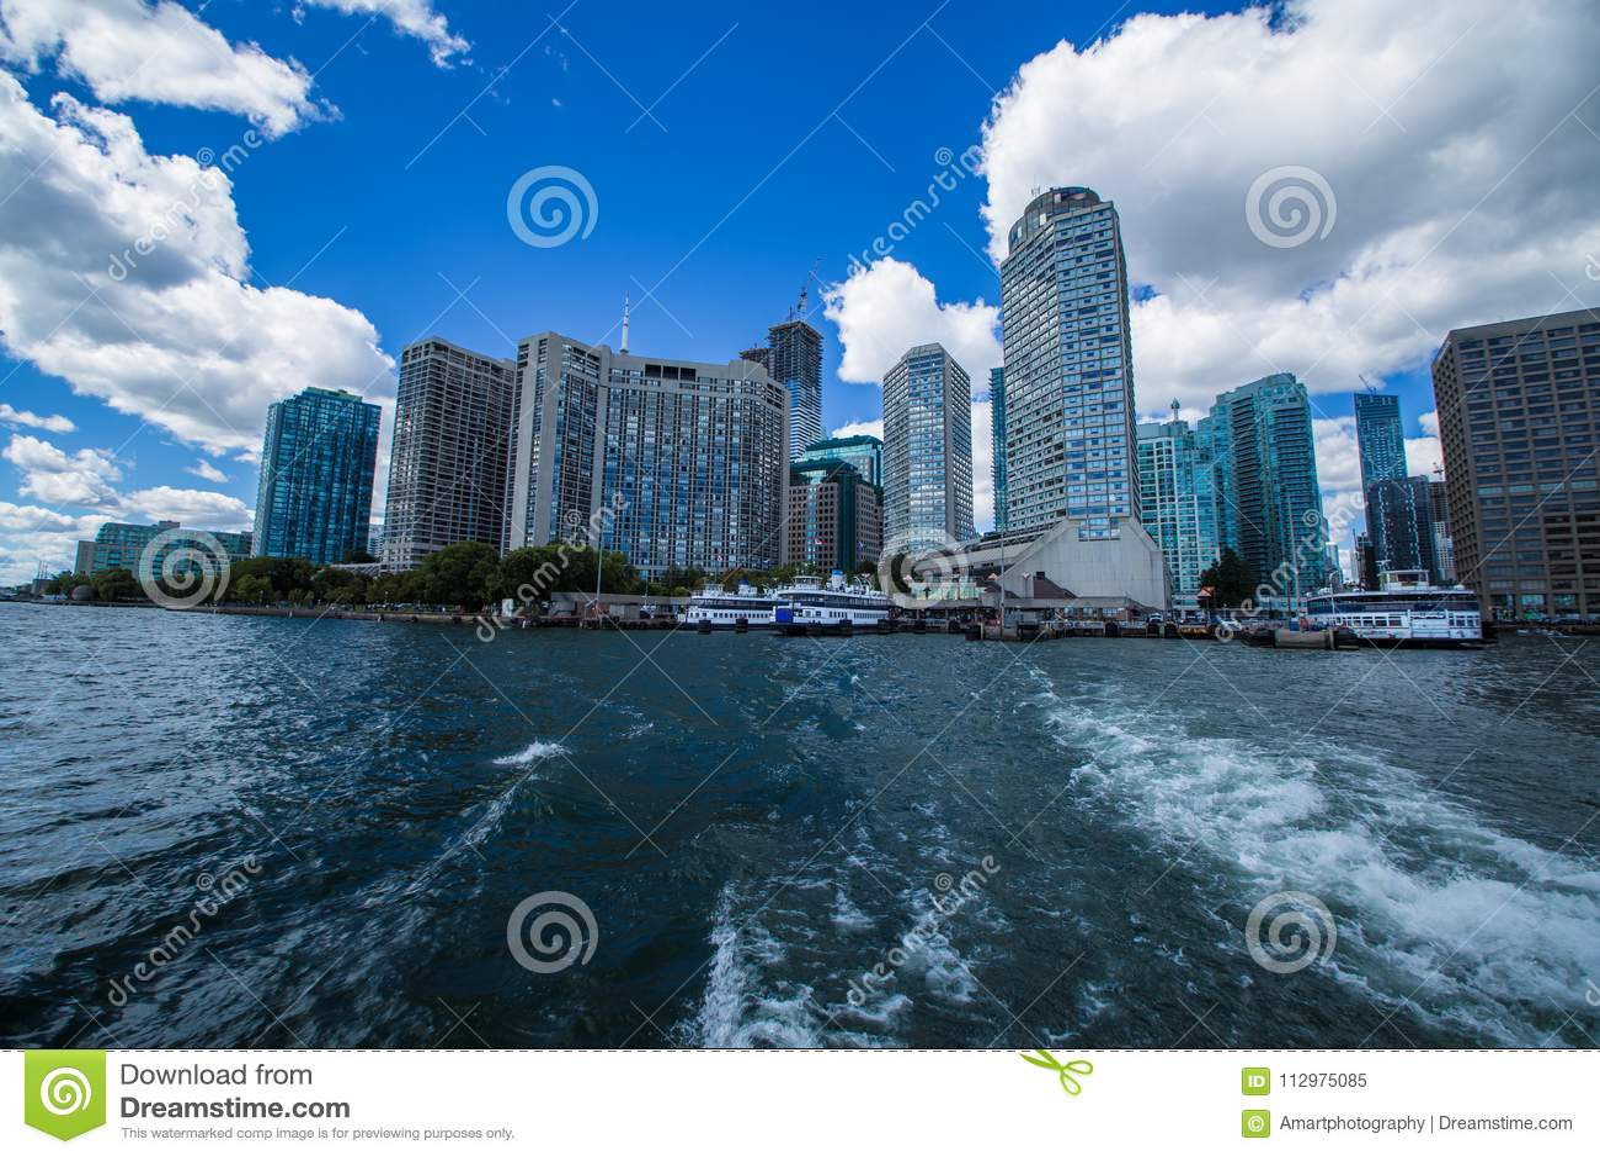 Amazing view of City of Toronto Ontario Canada